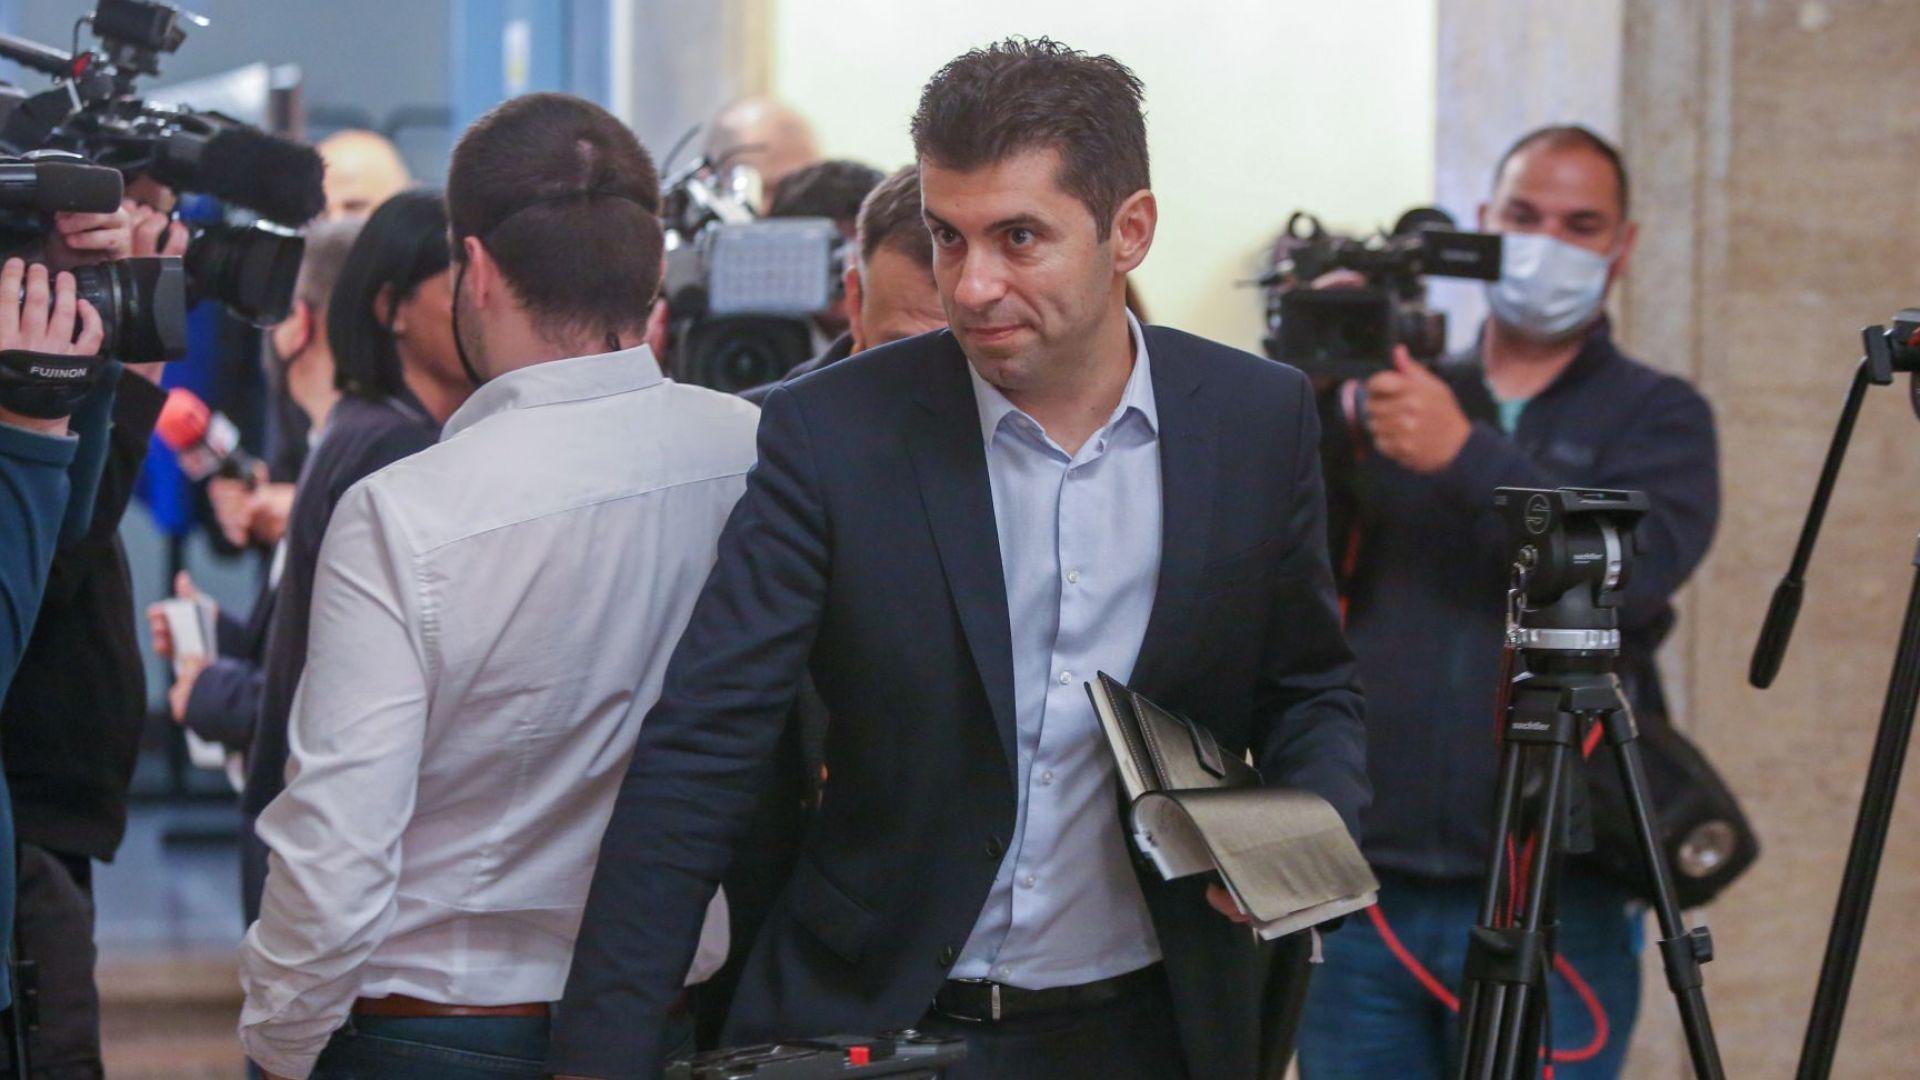 Кирил Петков: Днес в БНБ е внесено искане за проверка на ББР